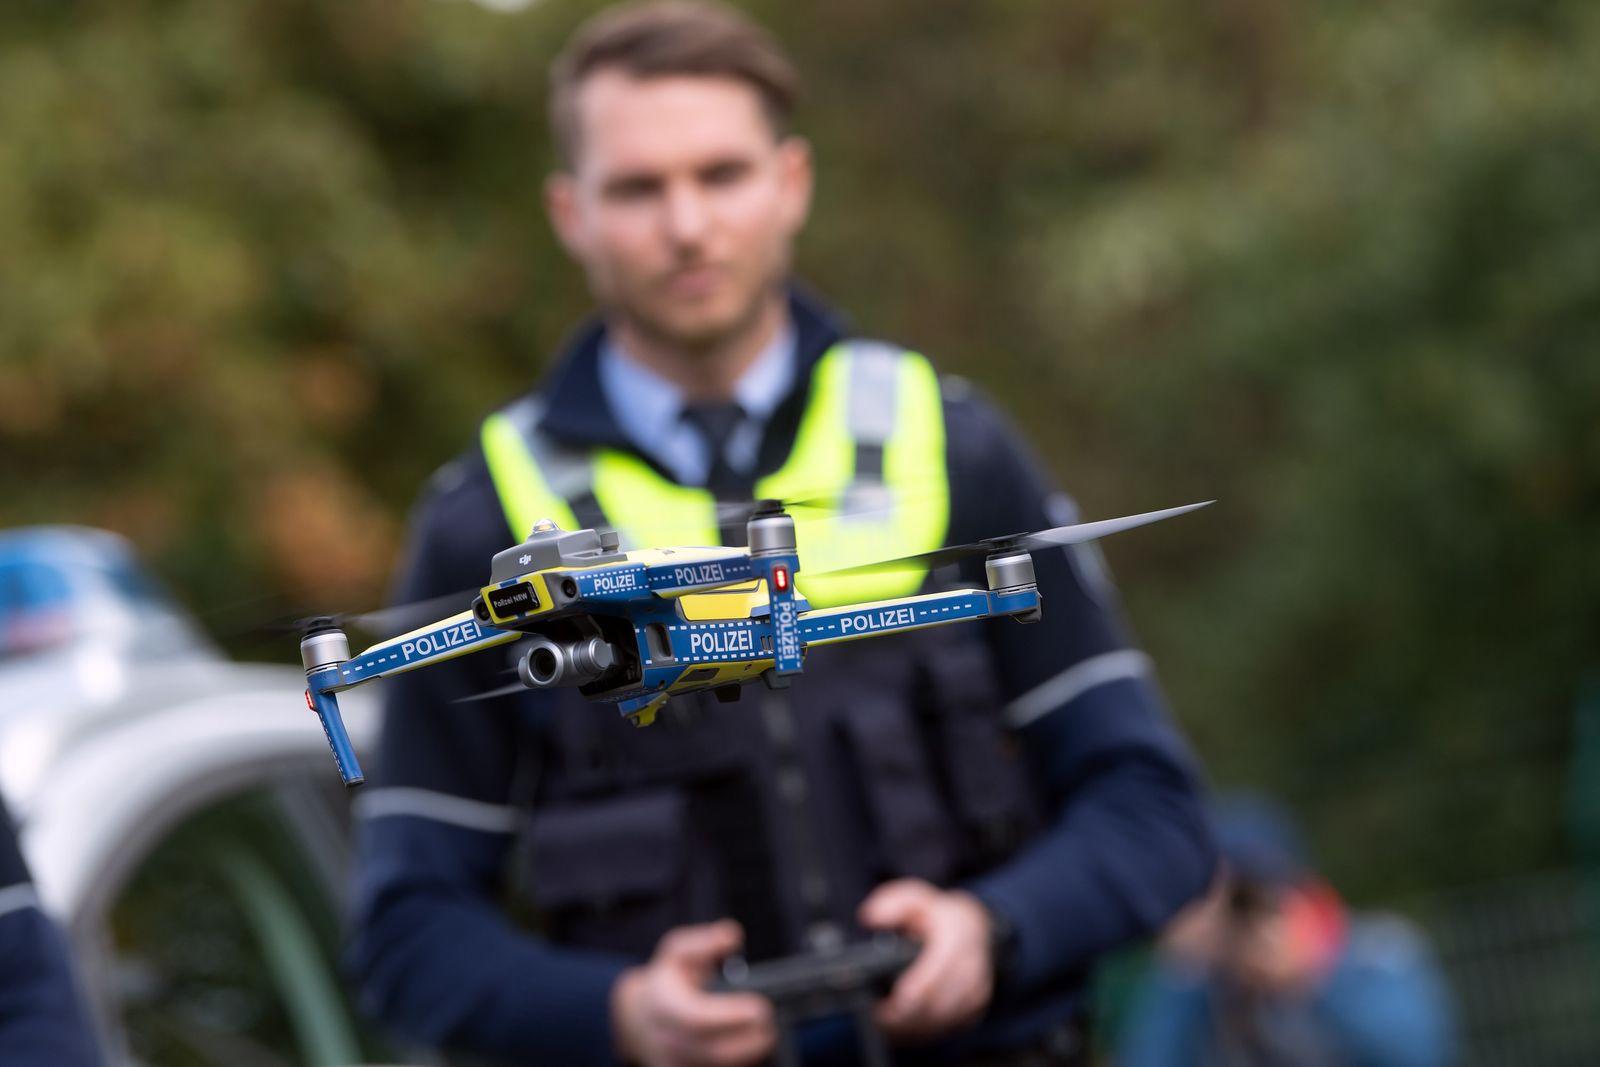 Drohnen bei der Polizei in Nordrhein-Westfalen